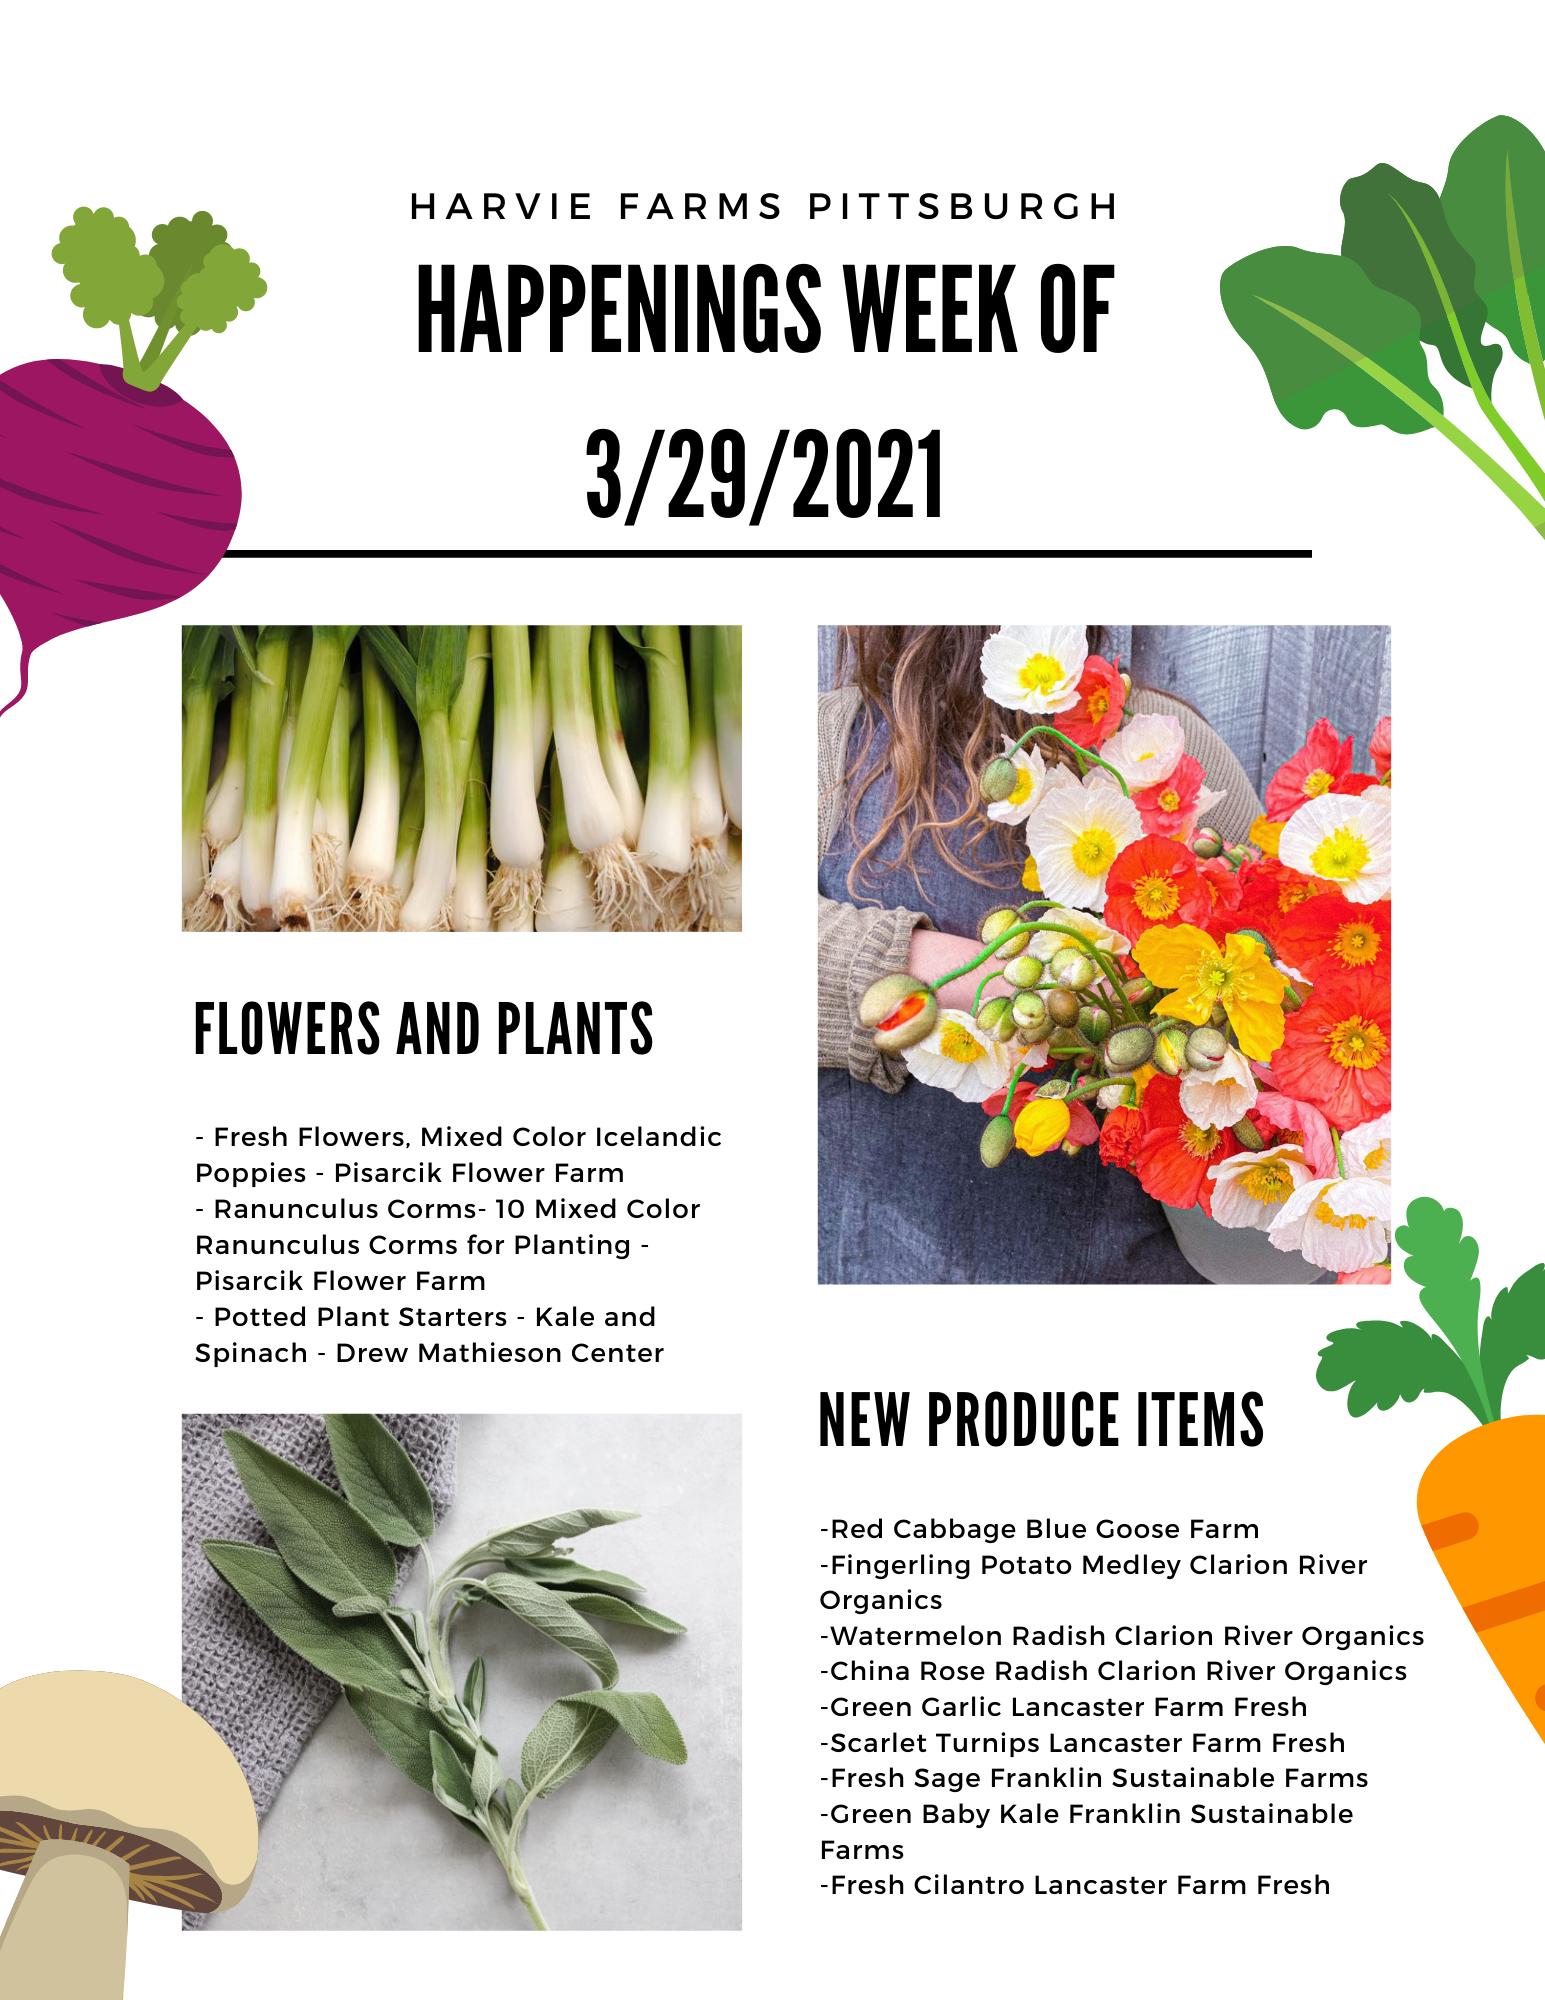 Harvie Farms Pittsburgh Week of 3/29/2021